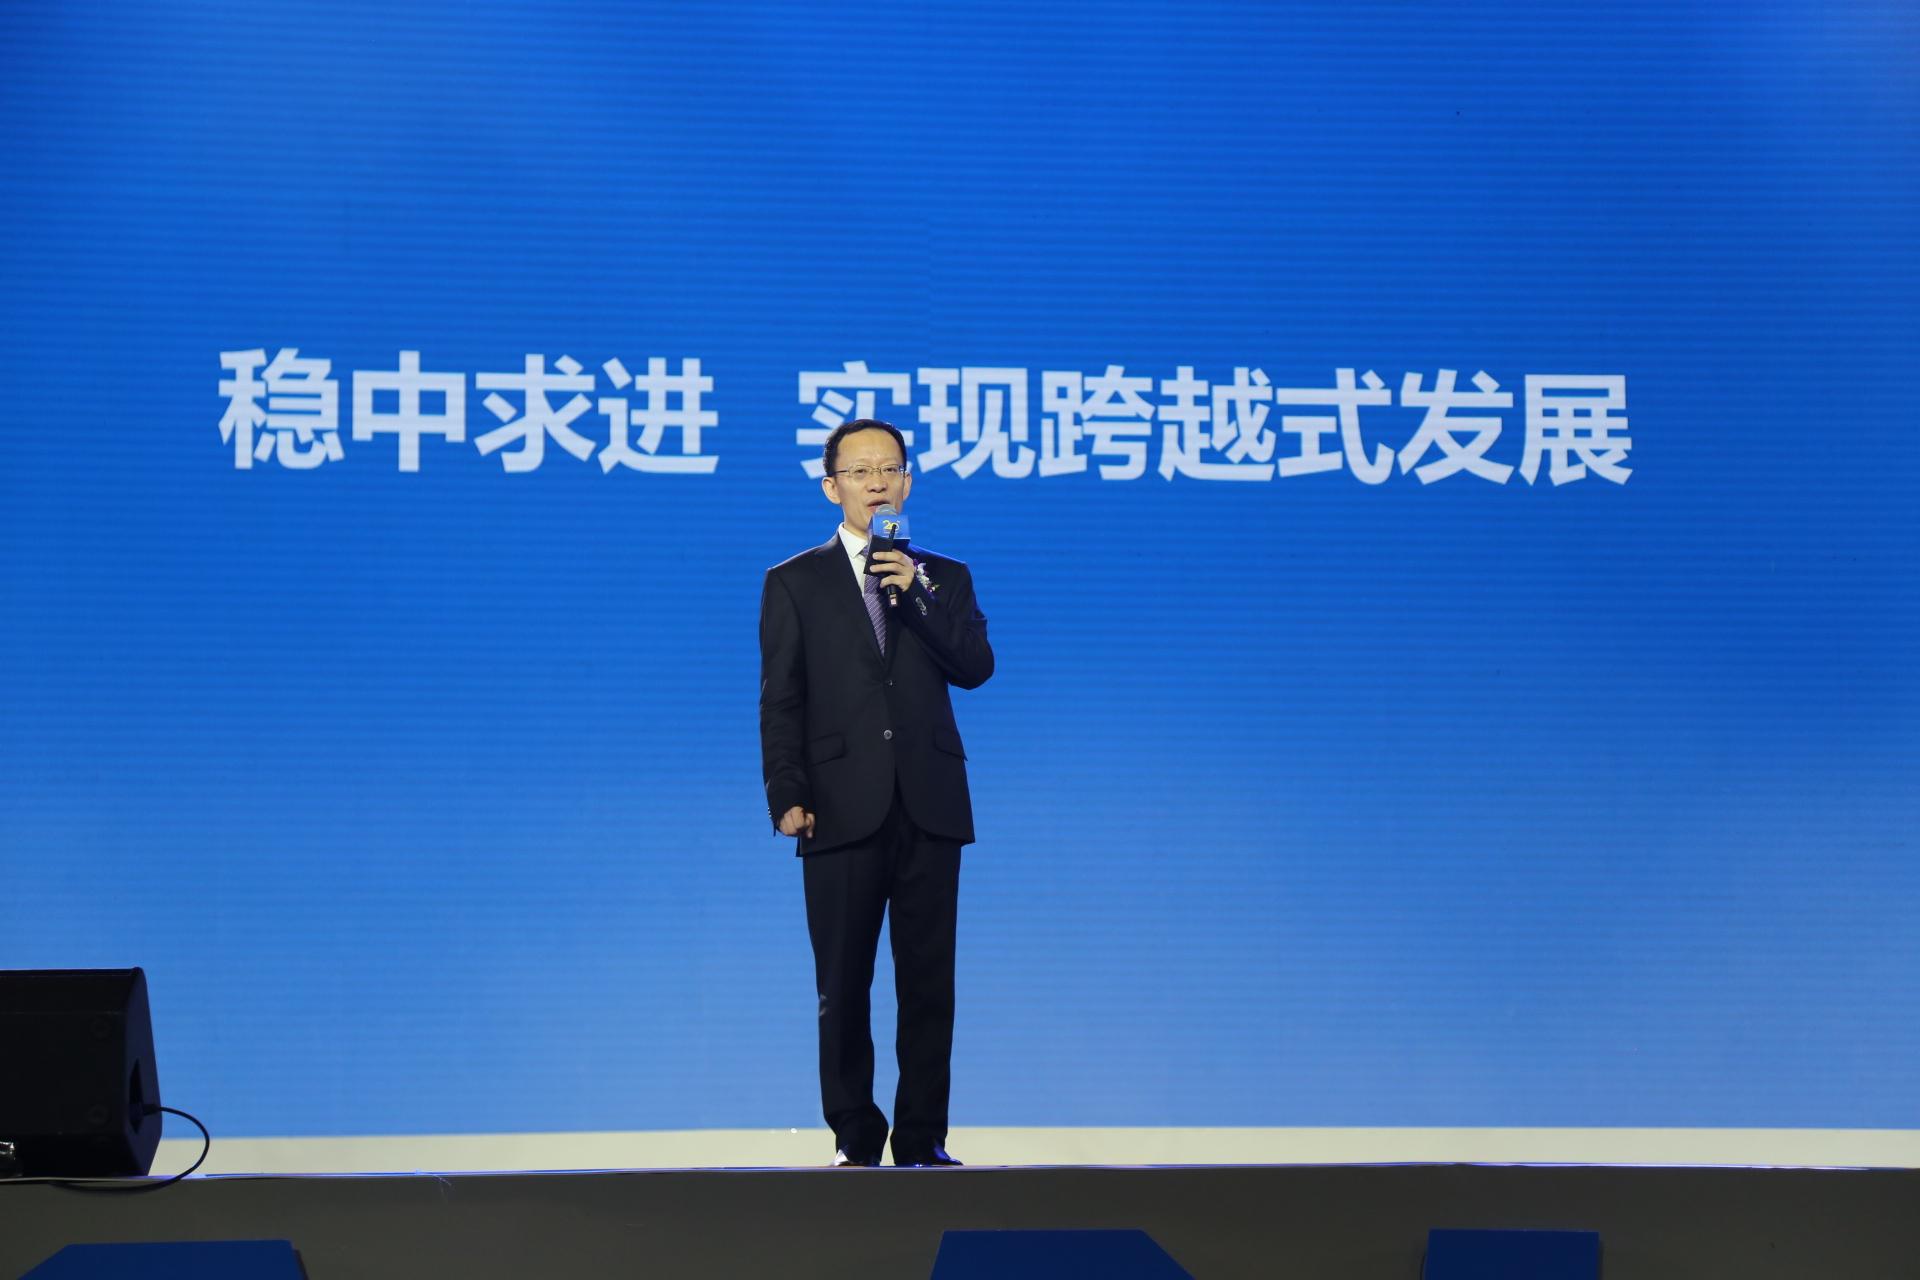 新年开篇 | 稳中求进 实现跨越式发展——集团总裁许兴利在2019江河年会上的讲话